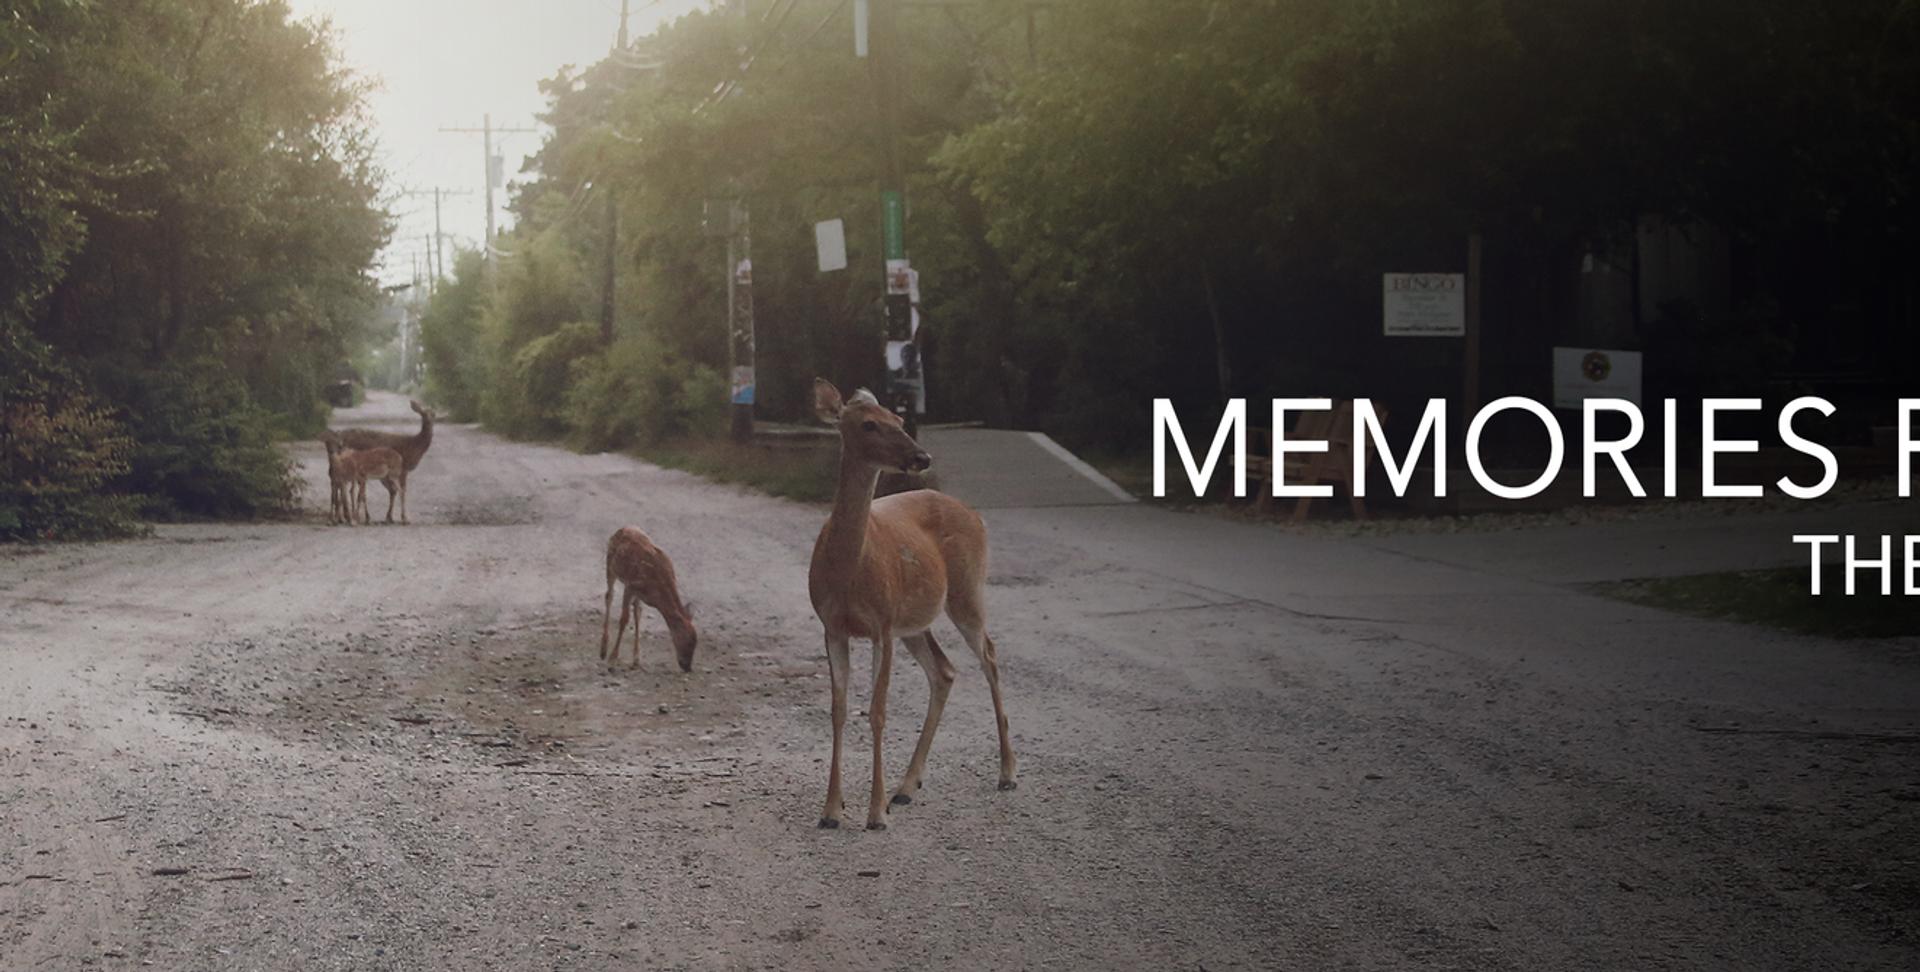 Memories-Portada-V2.png